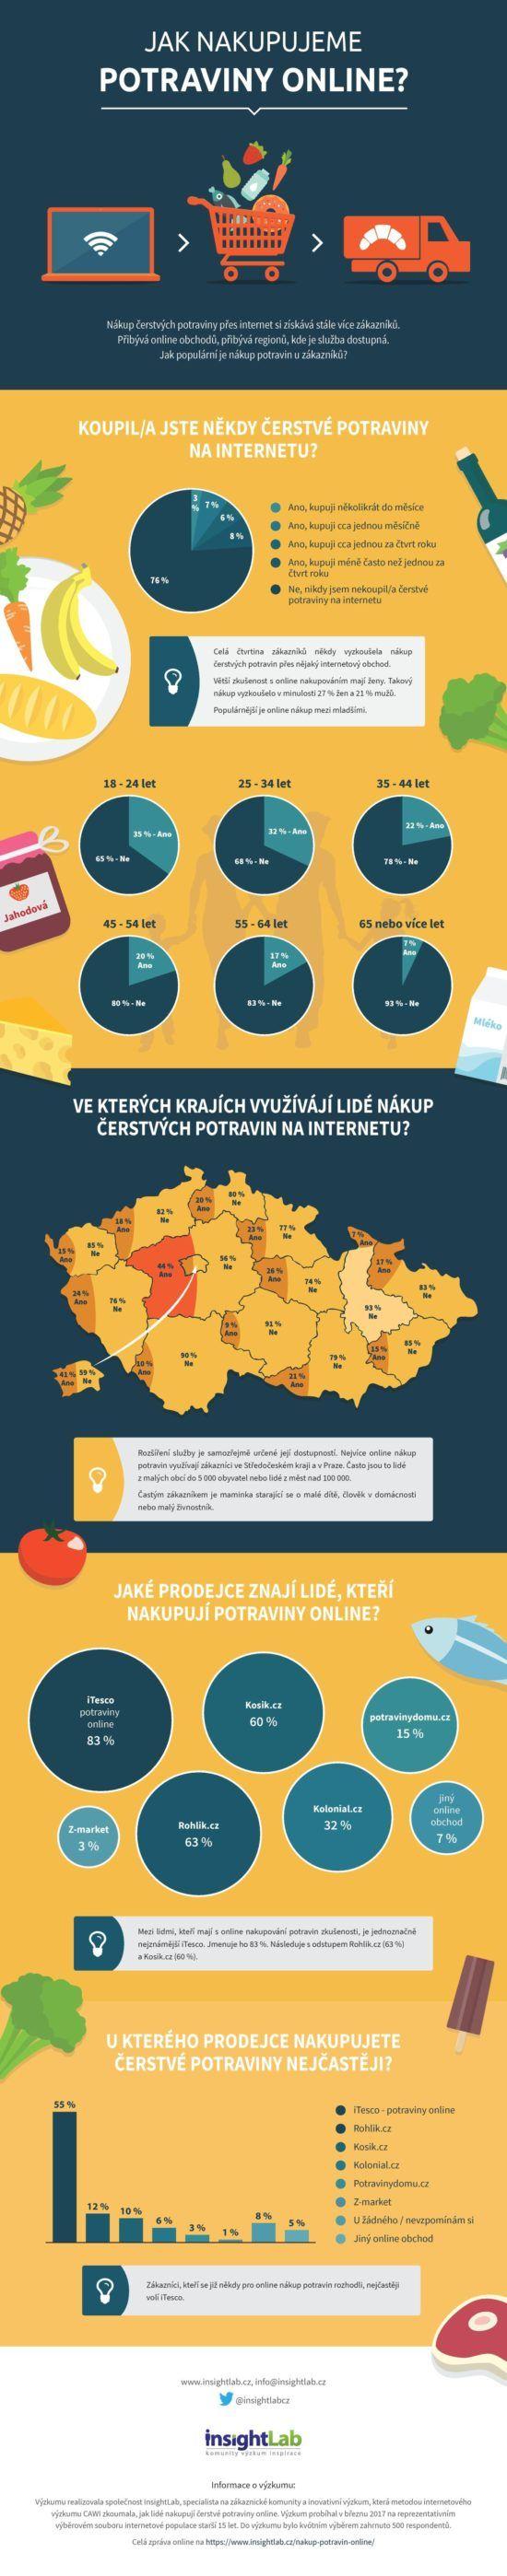 Jak Češi nakupují potraviny po internetu? Máme raději iTesco, rohlik.cz či kosik.cz?